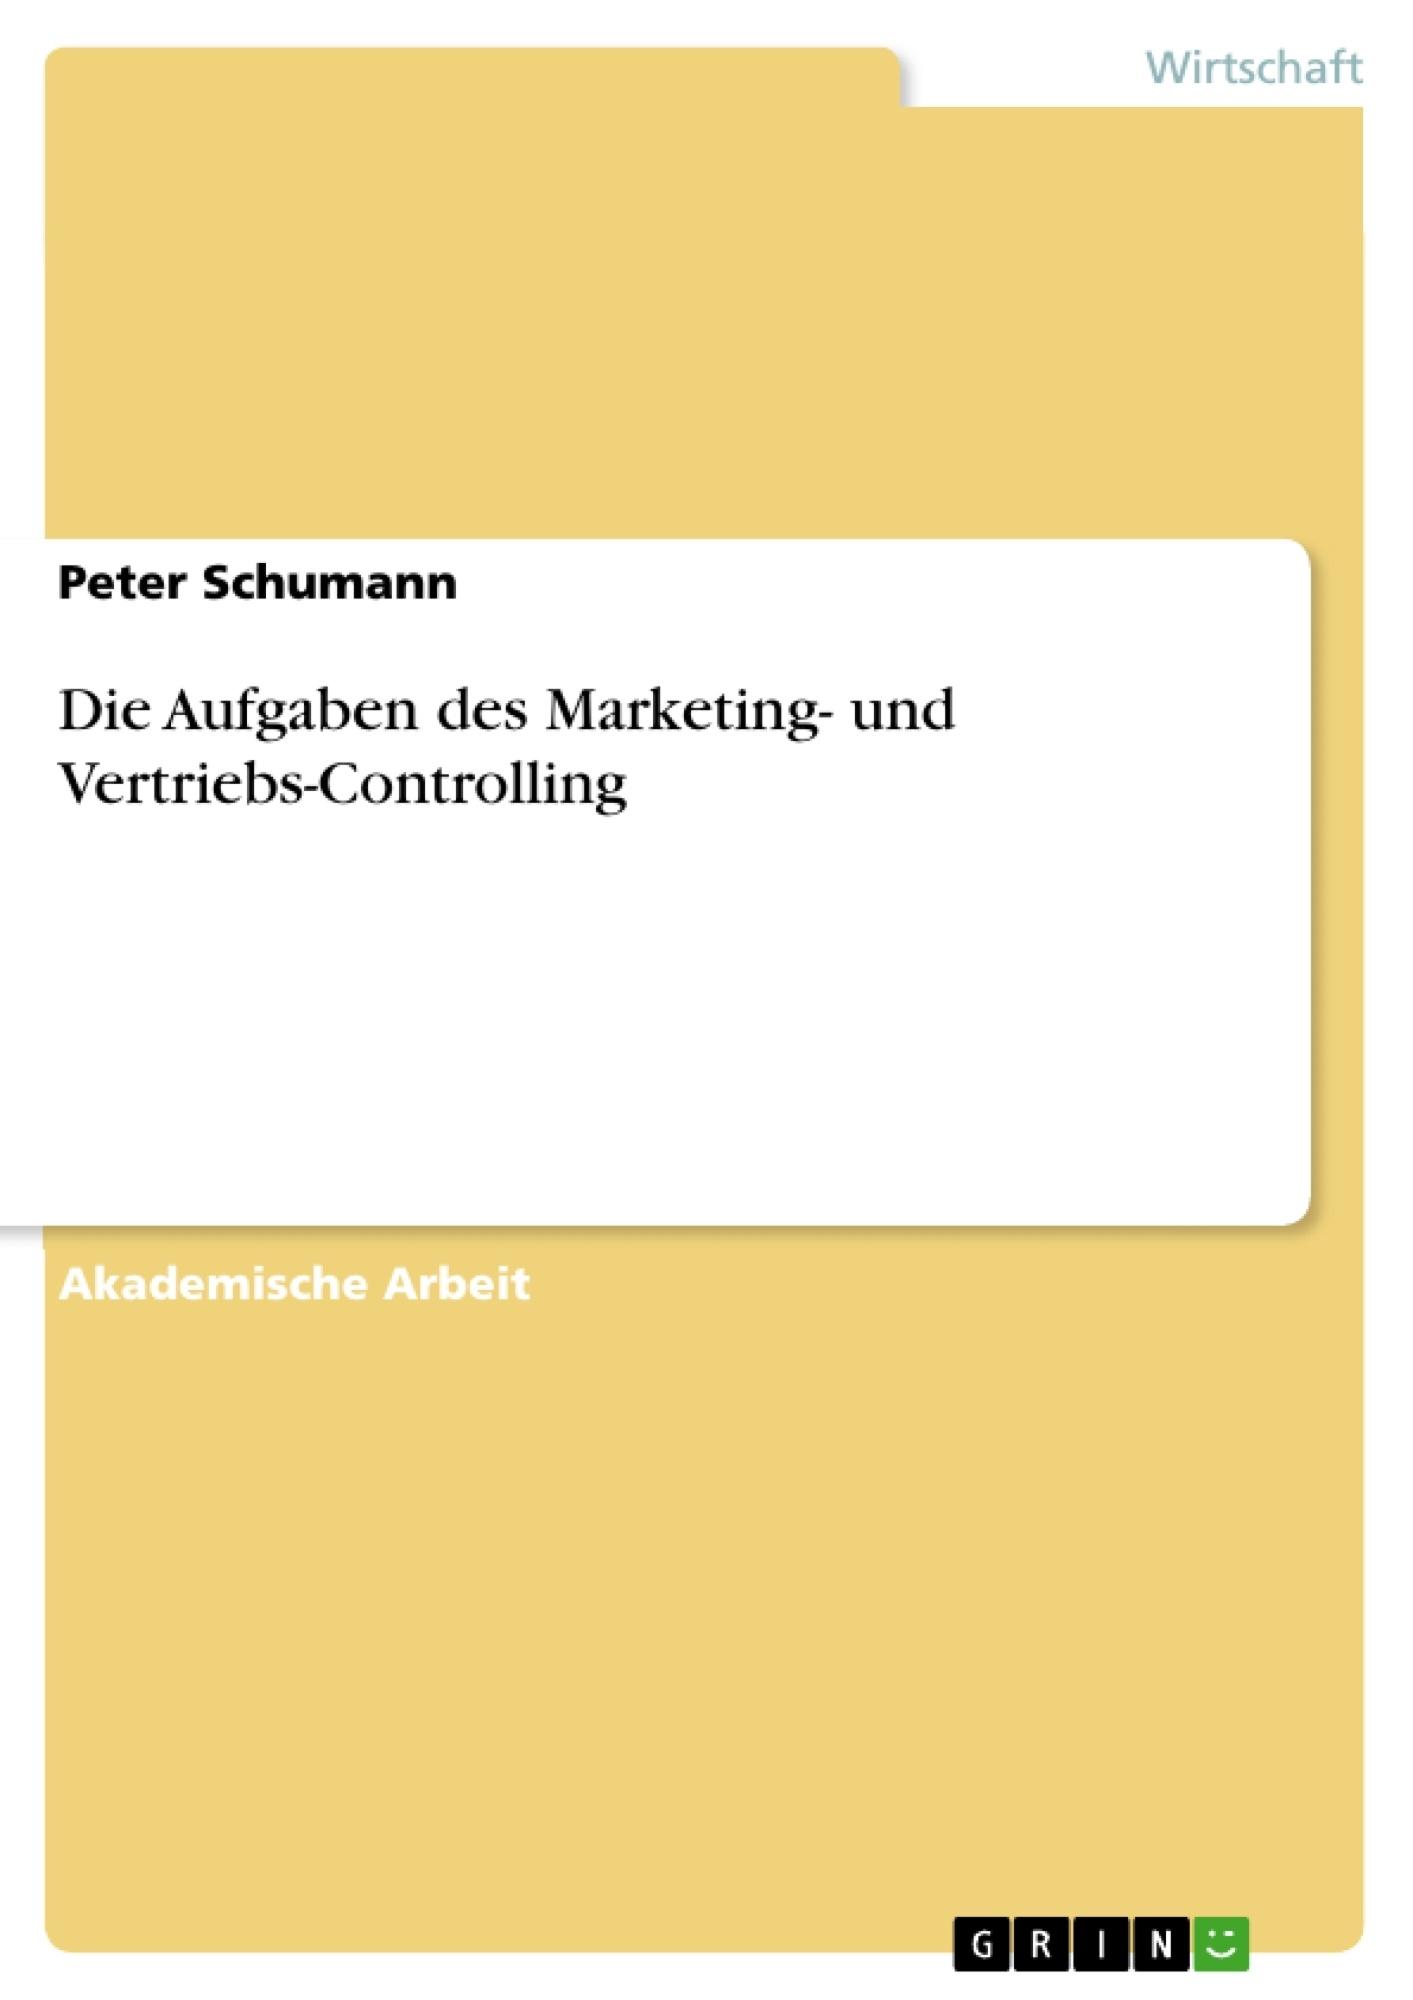 Titel: Die Aufgaben des Marketing- und Vertriebs-Controlling